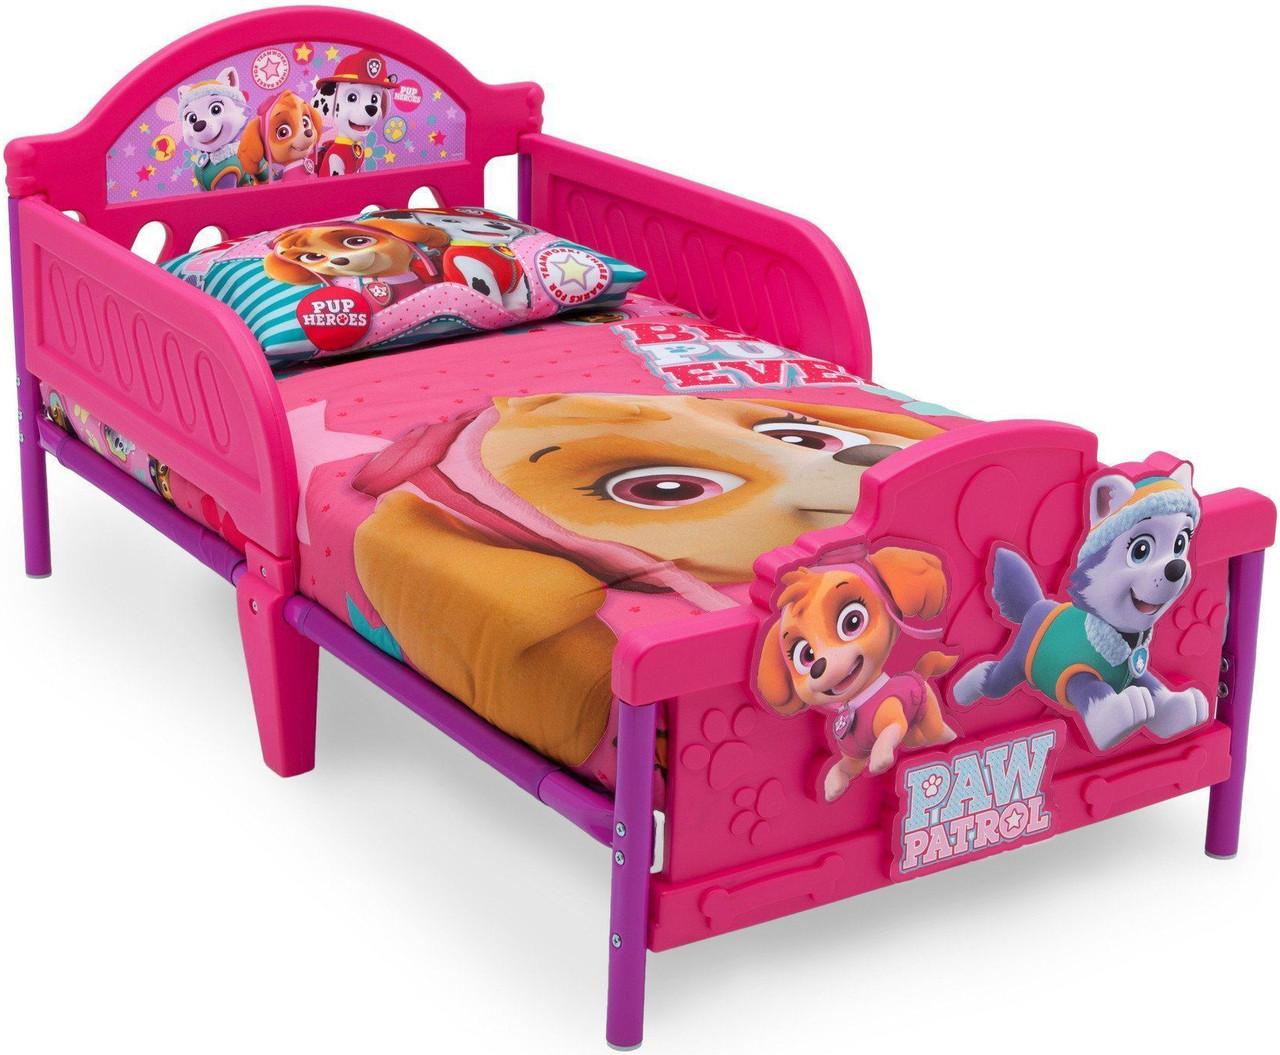 PAW Patrol - Skye & Everest - 3D Toddler Bed - CB Furniture